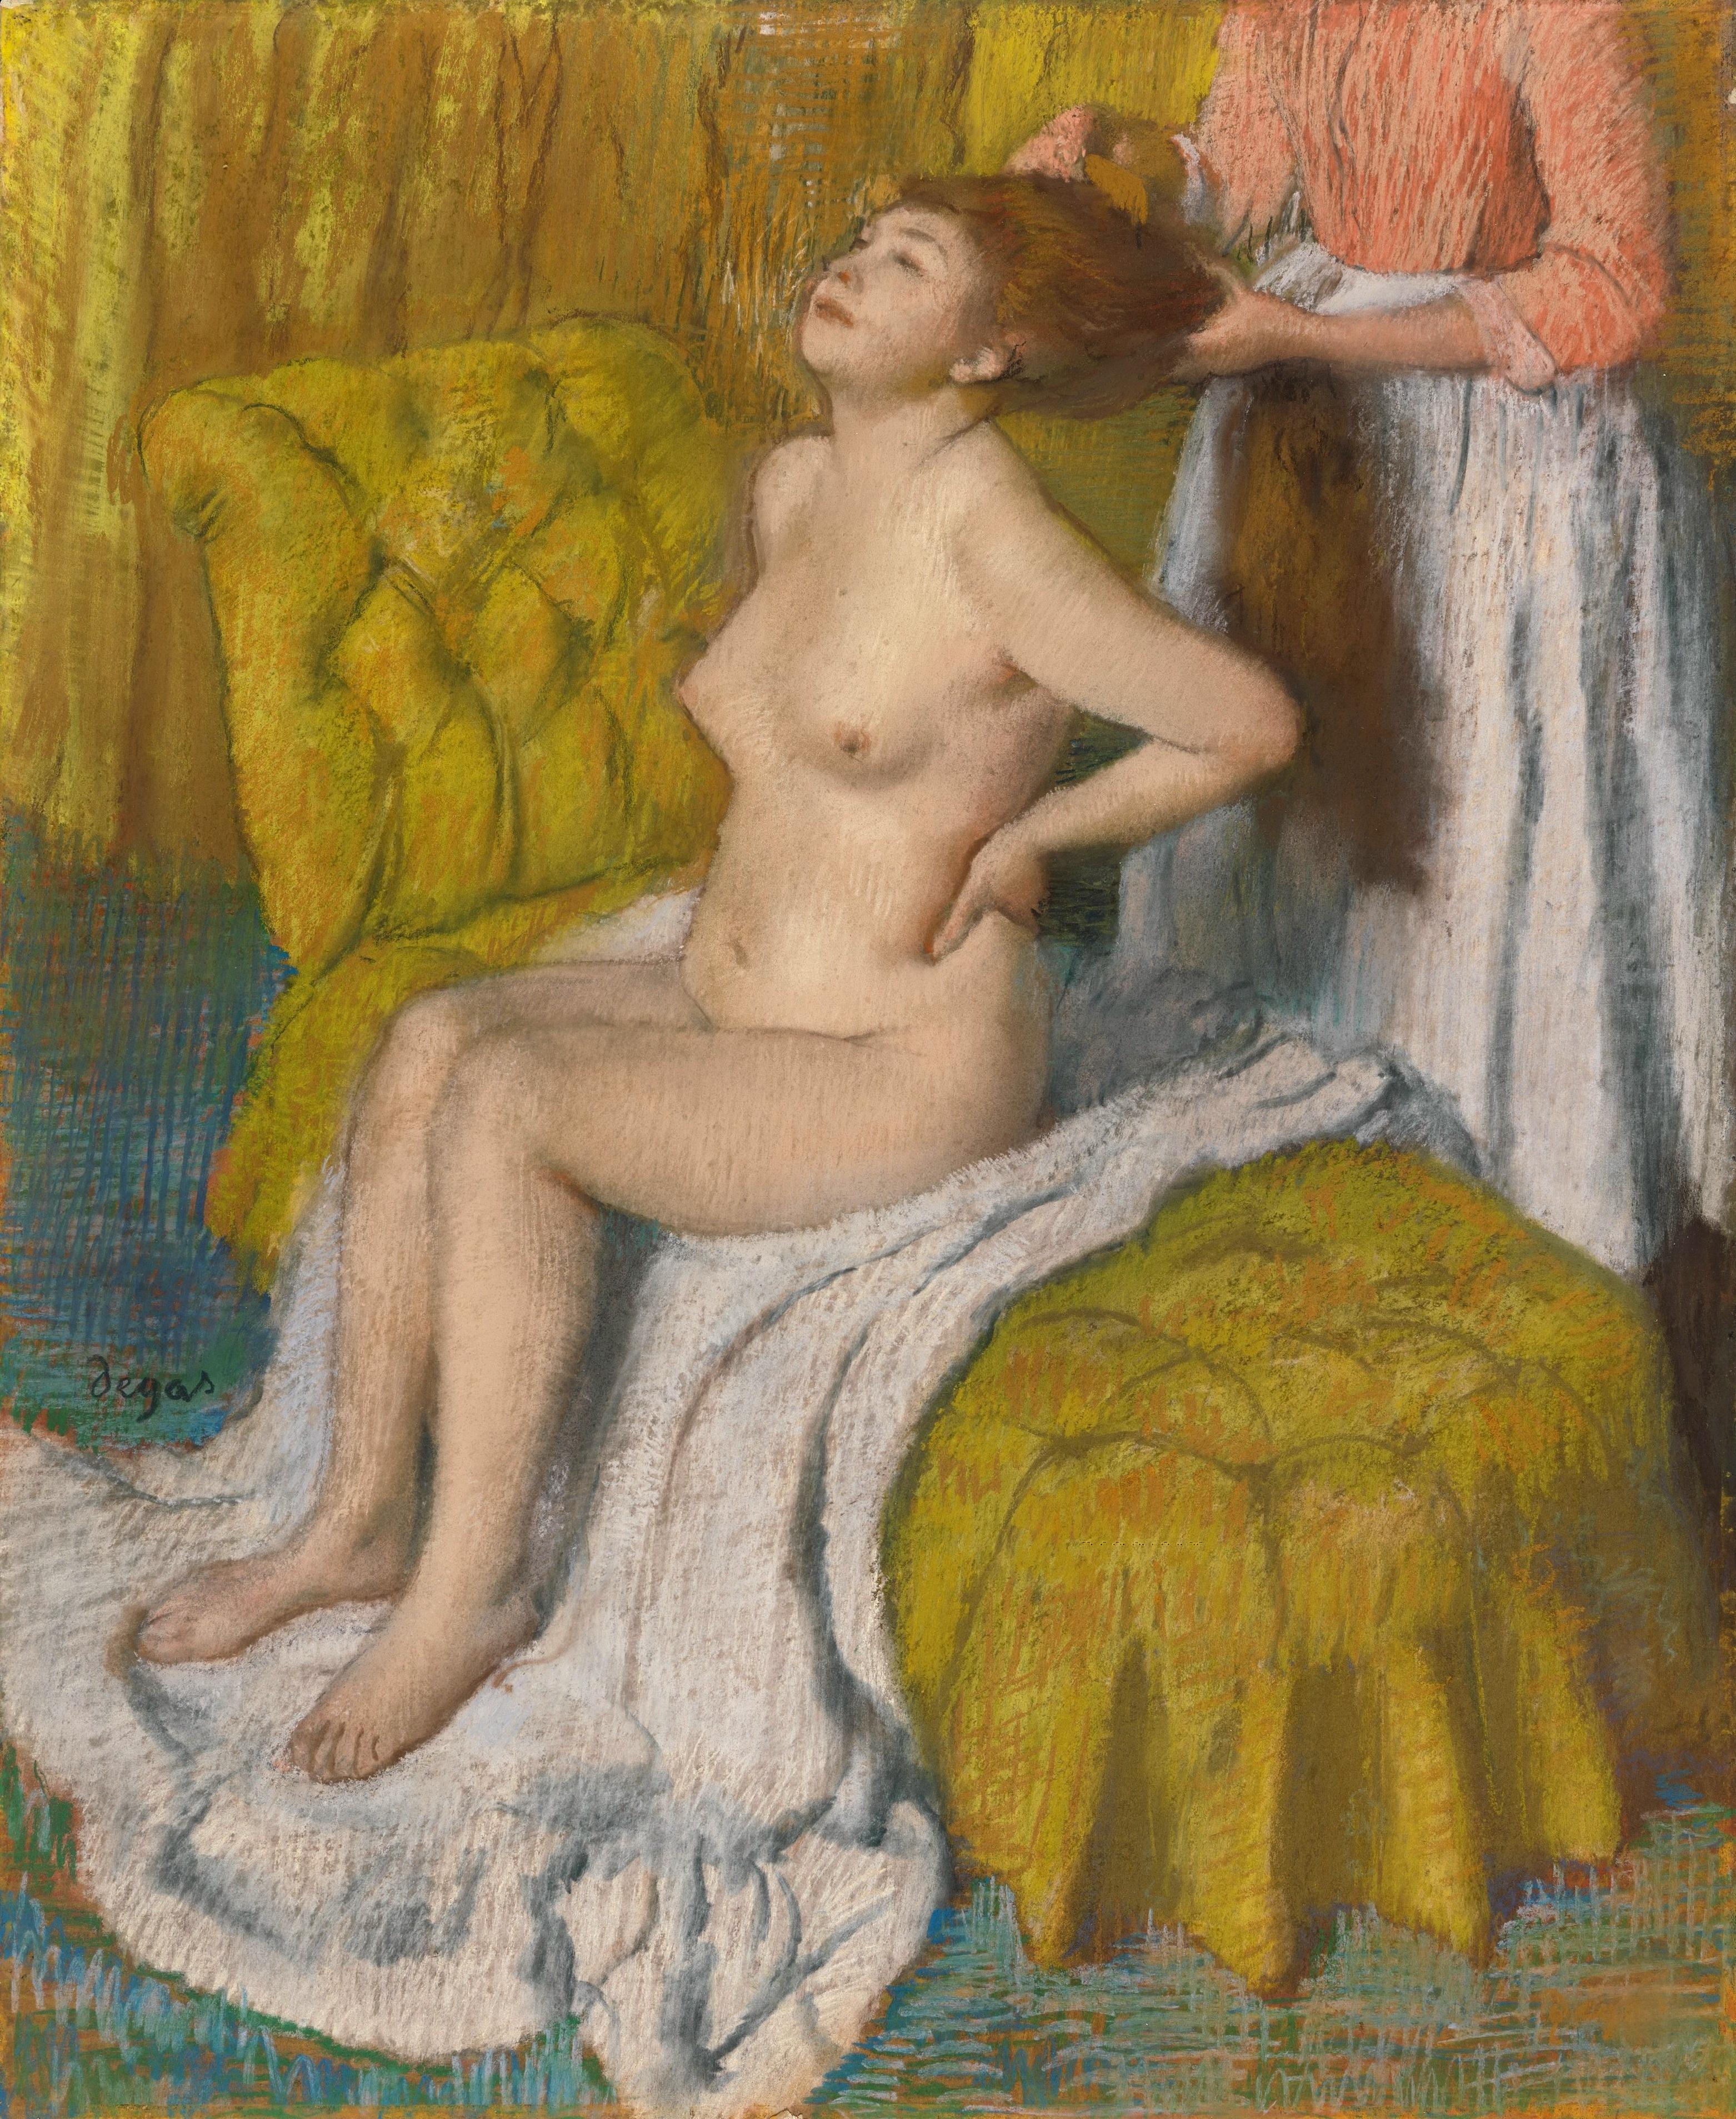 Edgar Degas, 1834-1917. Расчёсывание волос. 1886-1888. 74 х 60.6 см. Нью-Йорк, музей Метрополитен